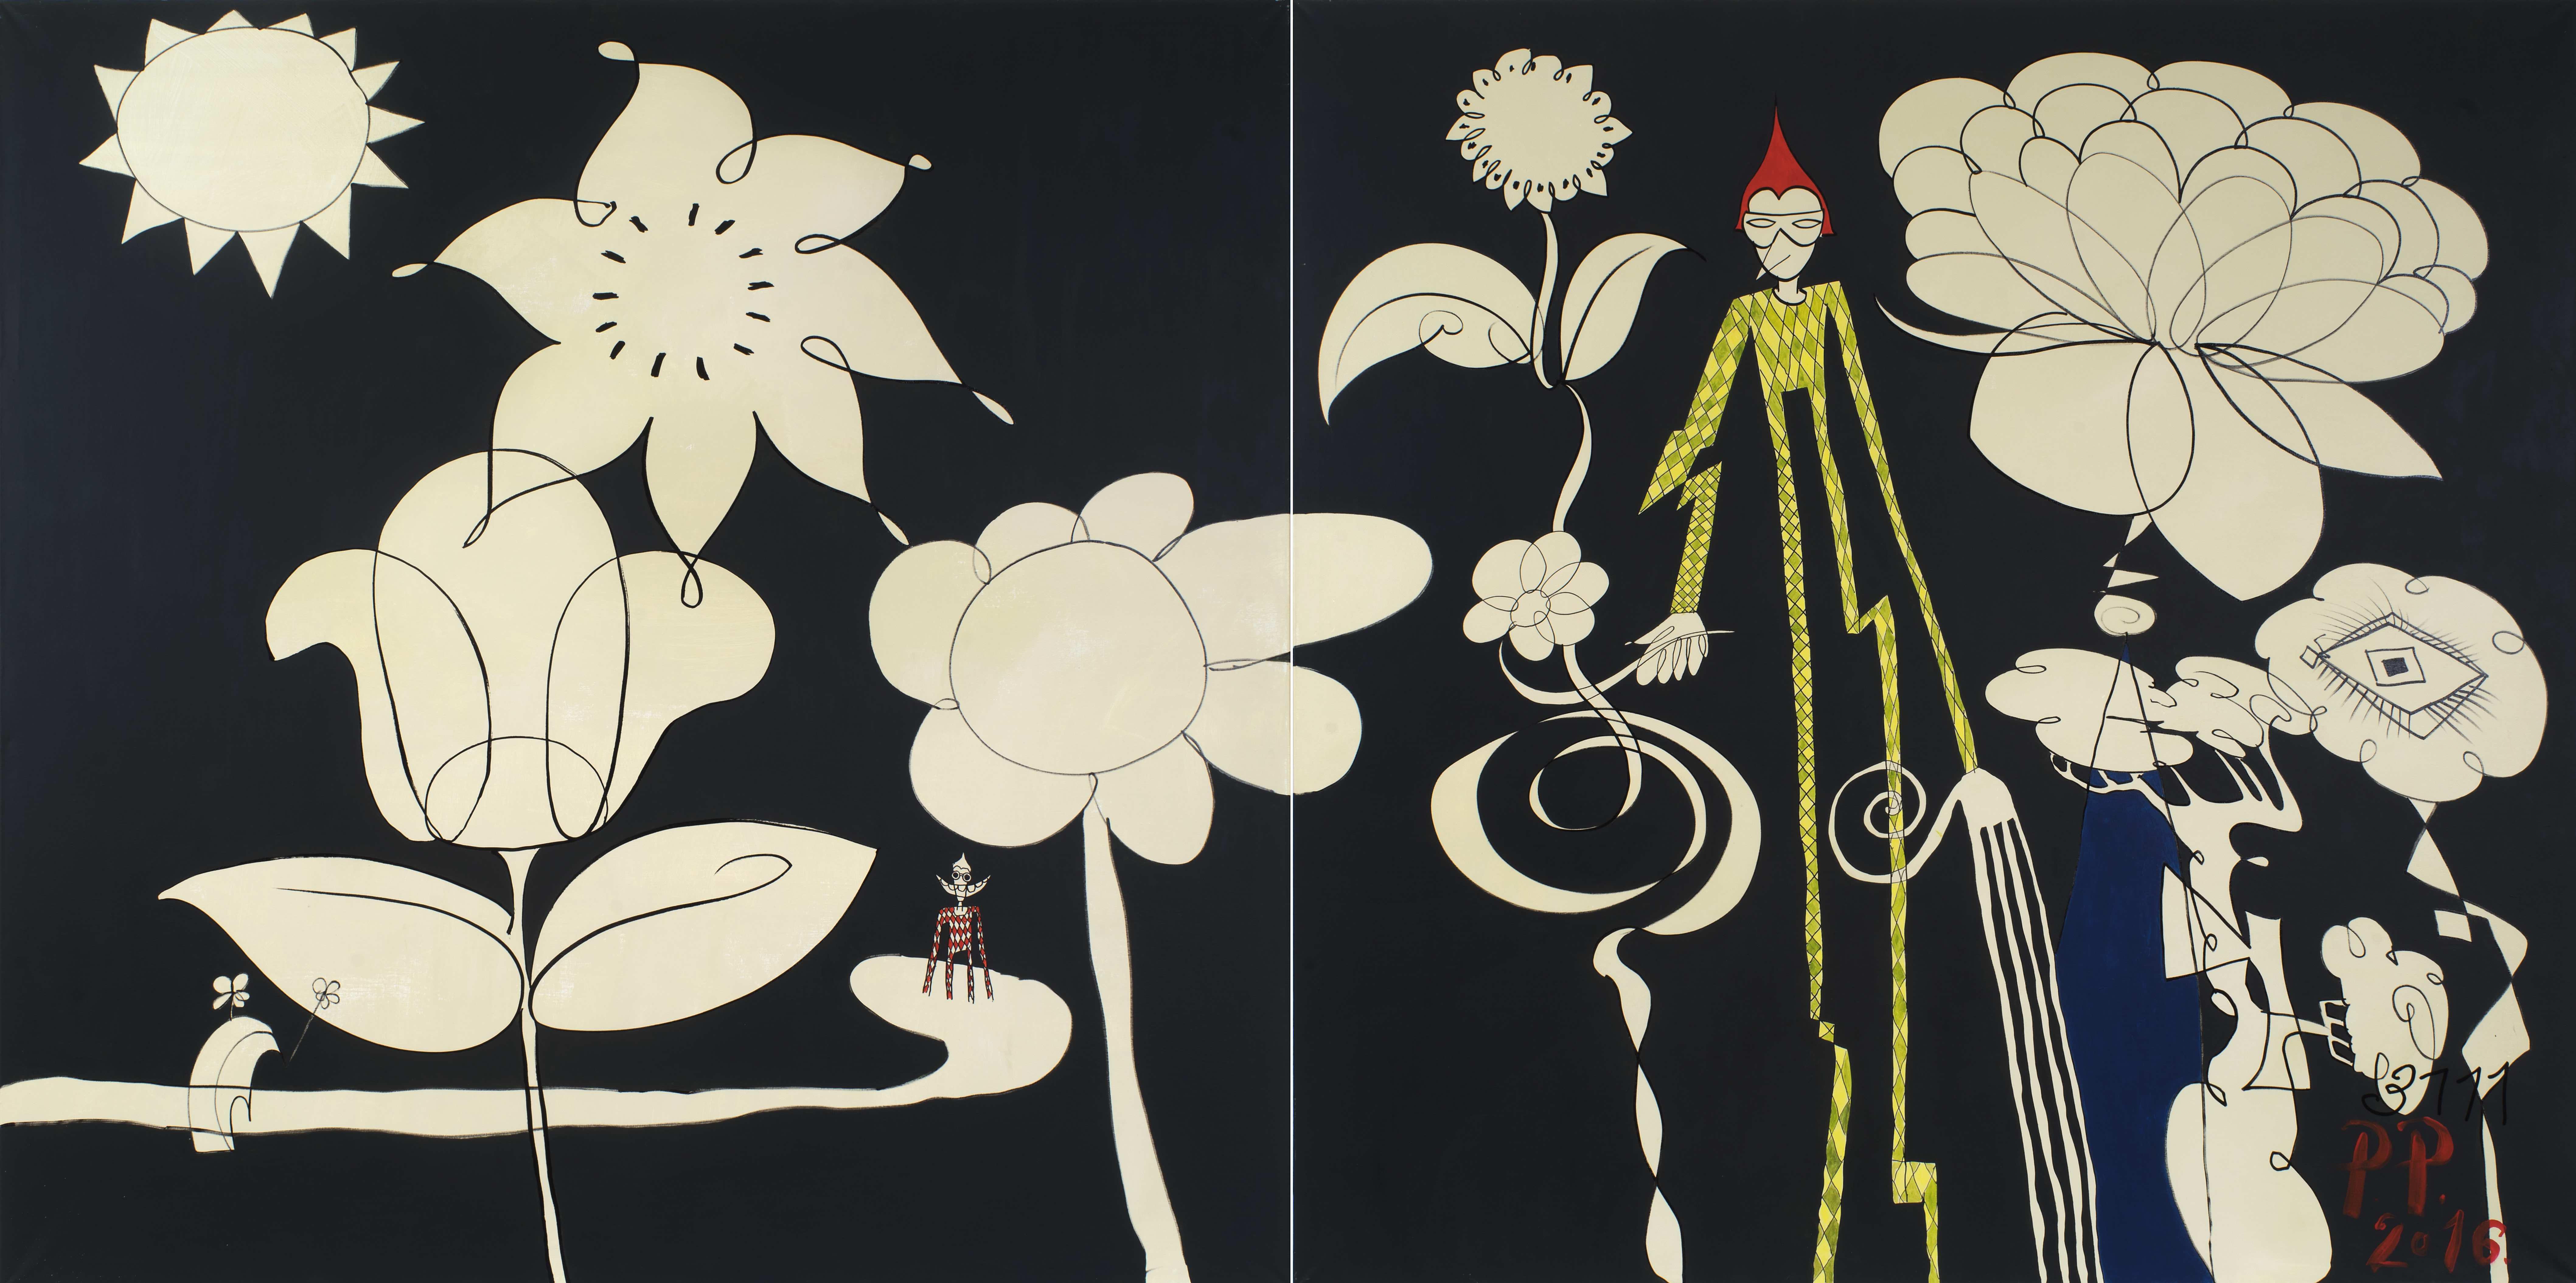 Павел Пепперштейн. Арелкин в саду Эдема. Диптих. Из серии «Возращение Пабло Пикассо в 3111 году»